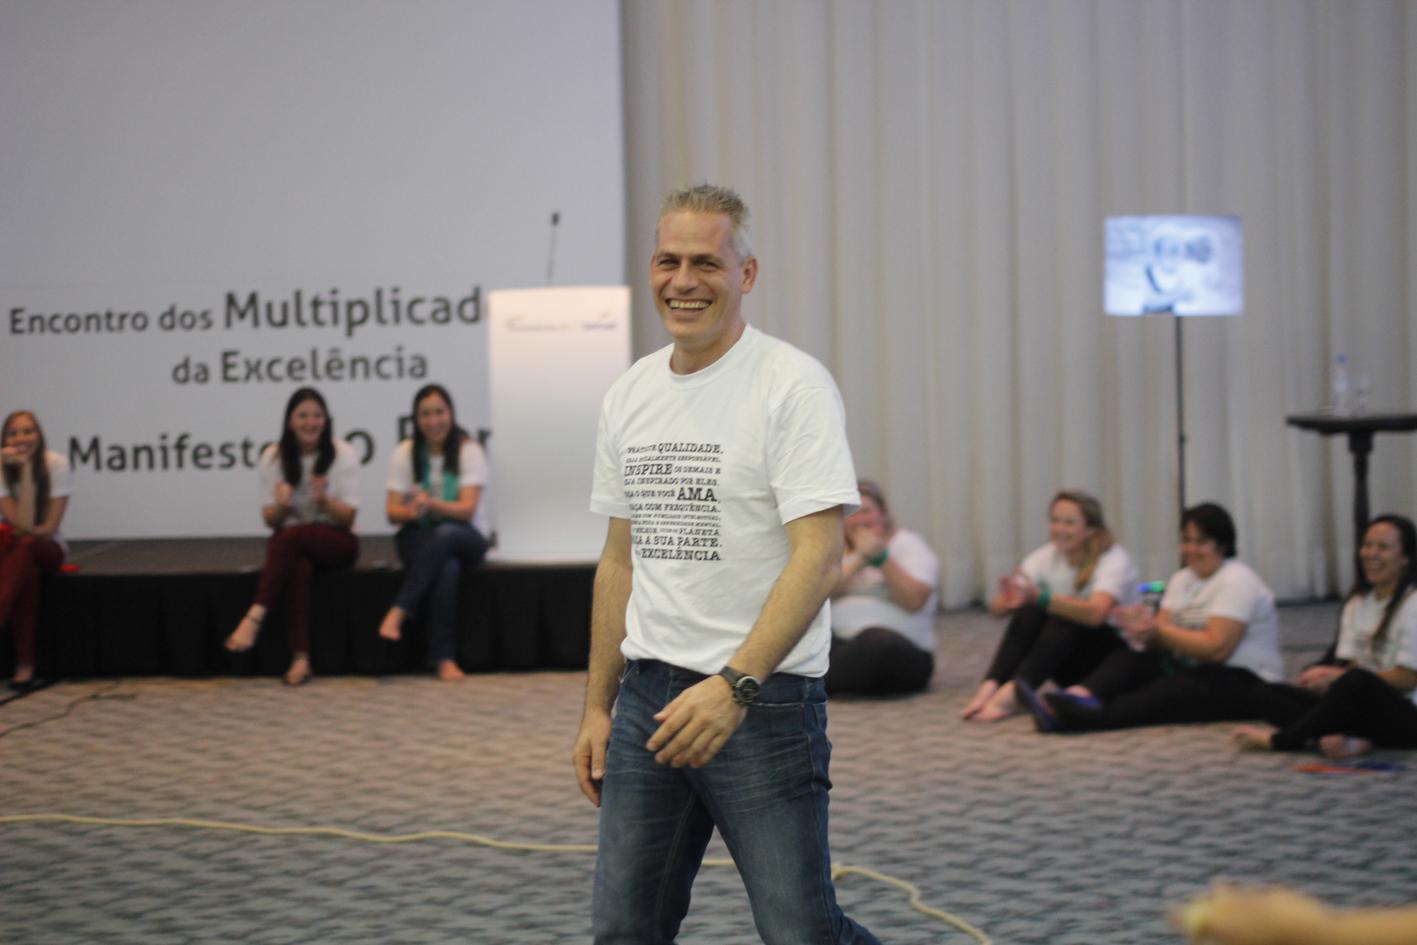 Ariel Berti - Gerente Assessoria de Planejamento - SENAC/RS (Foto: João pedro Gäelzer da Silva)